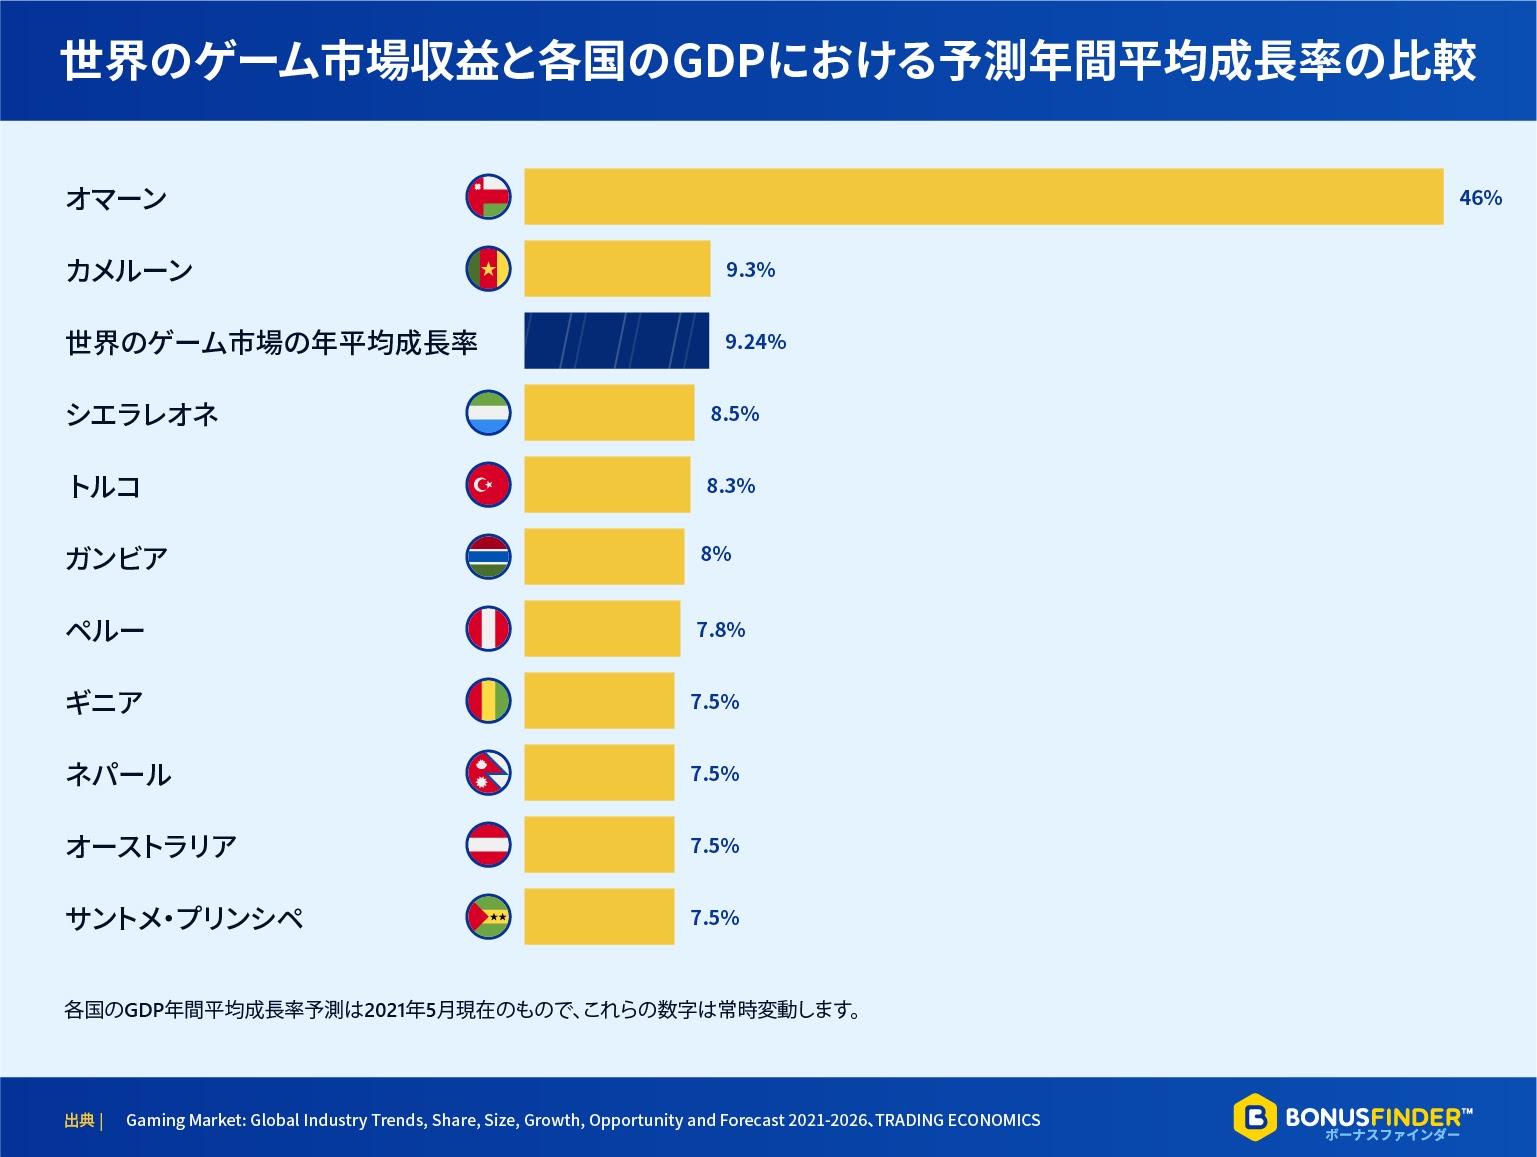 世界のゲーム市場収益と各国のGDPにおける予測年間平均成長率の比較